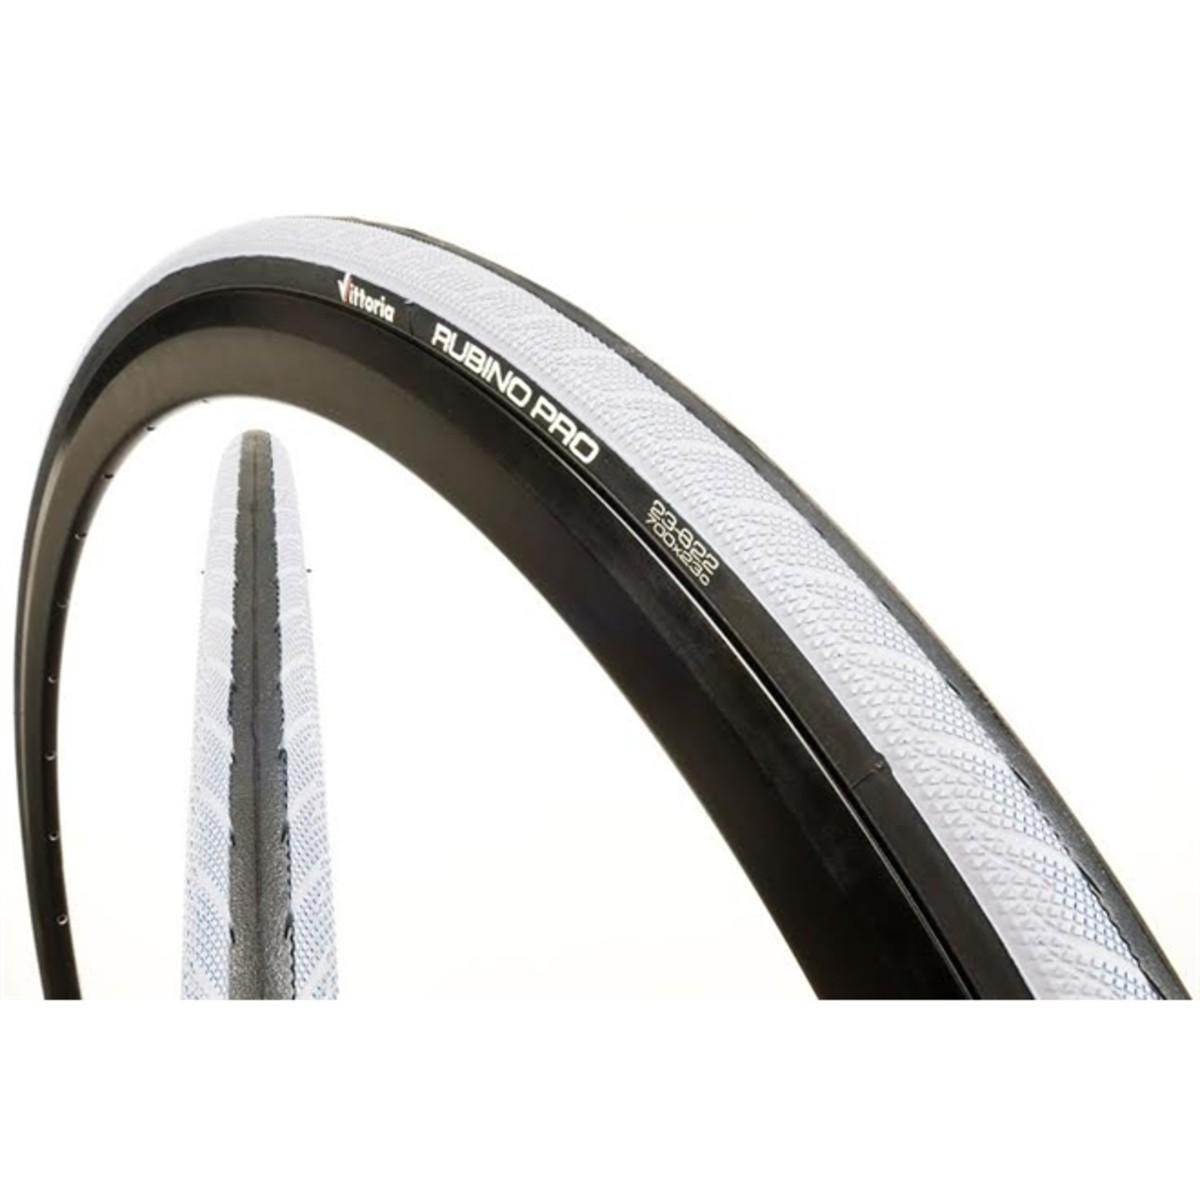 Pneu Ciclismo 700x23 Rubino Vittoria Pro Iii Preto/branco